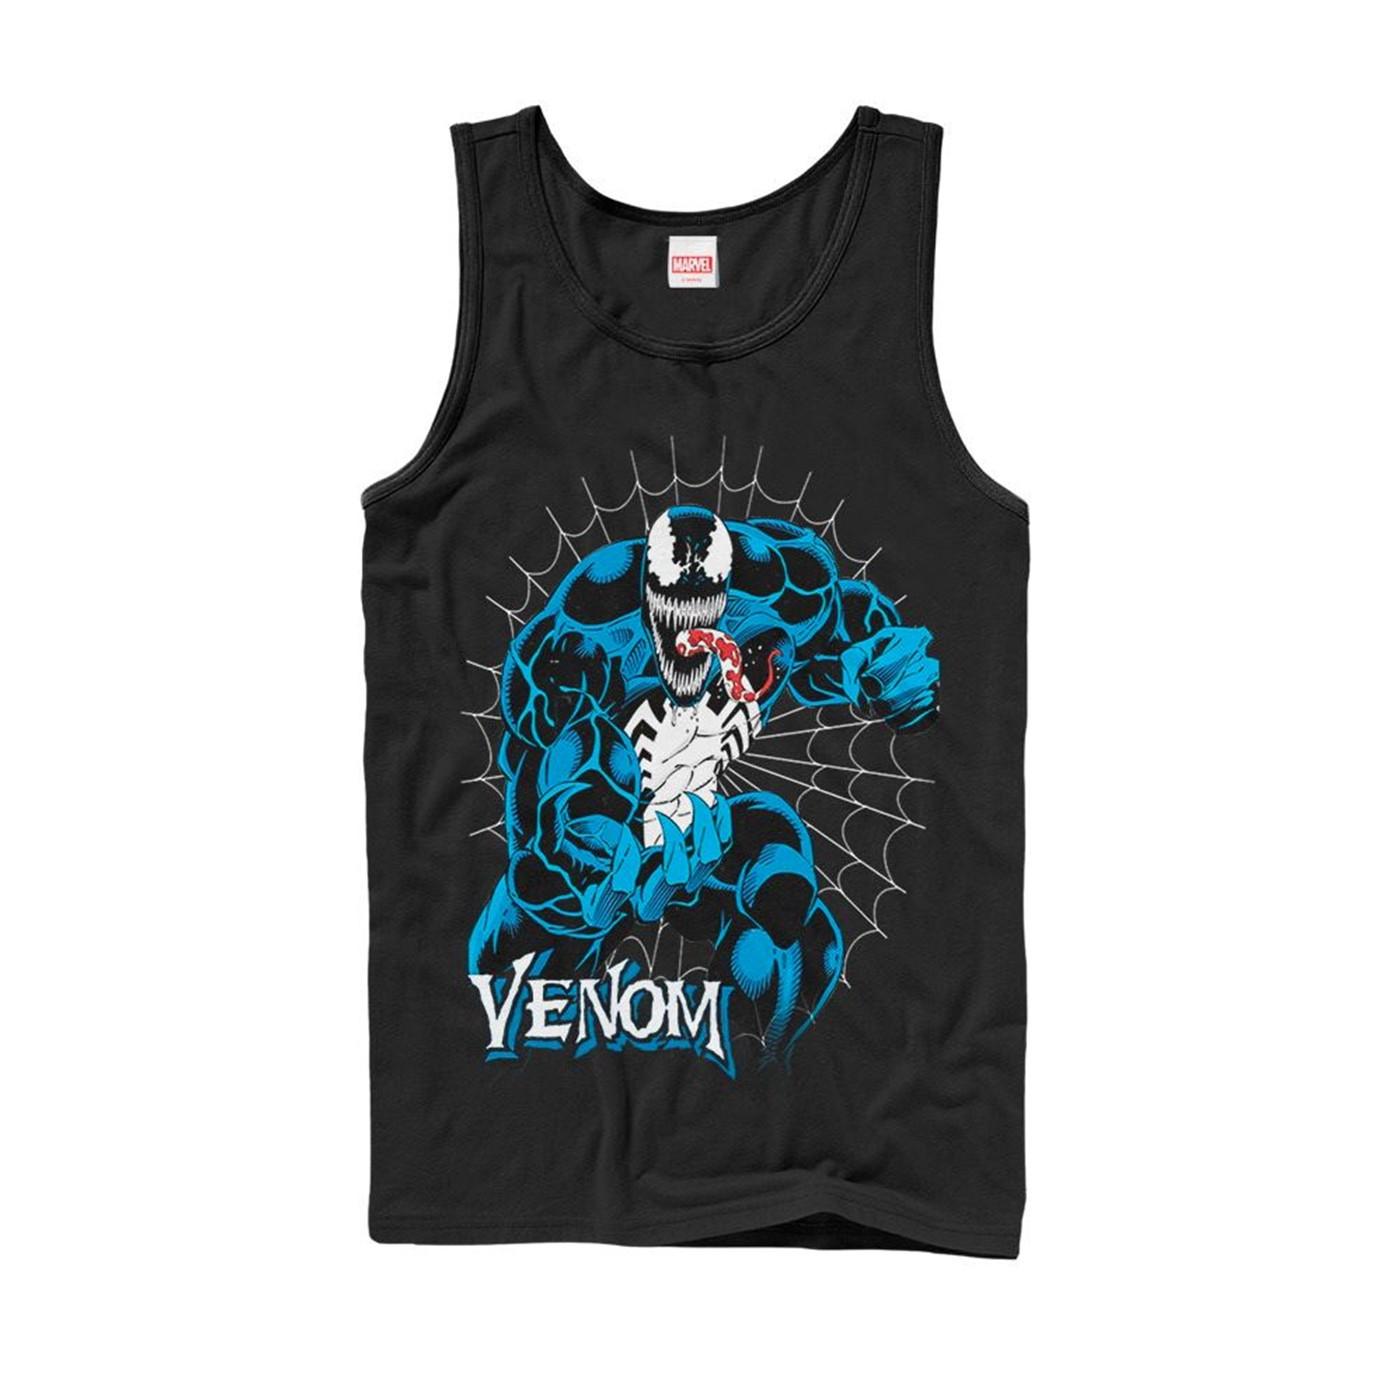 Marvel Venom Retro Web Tank Top